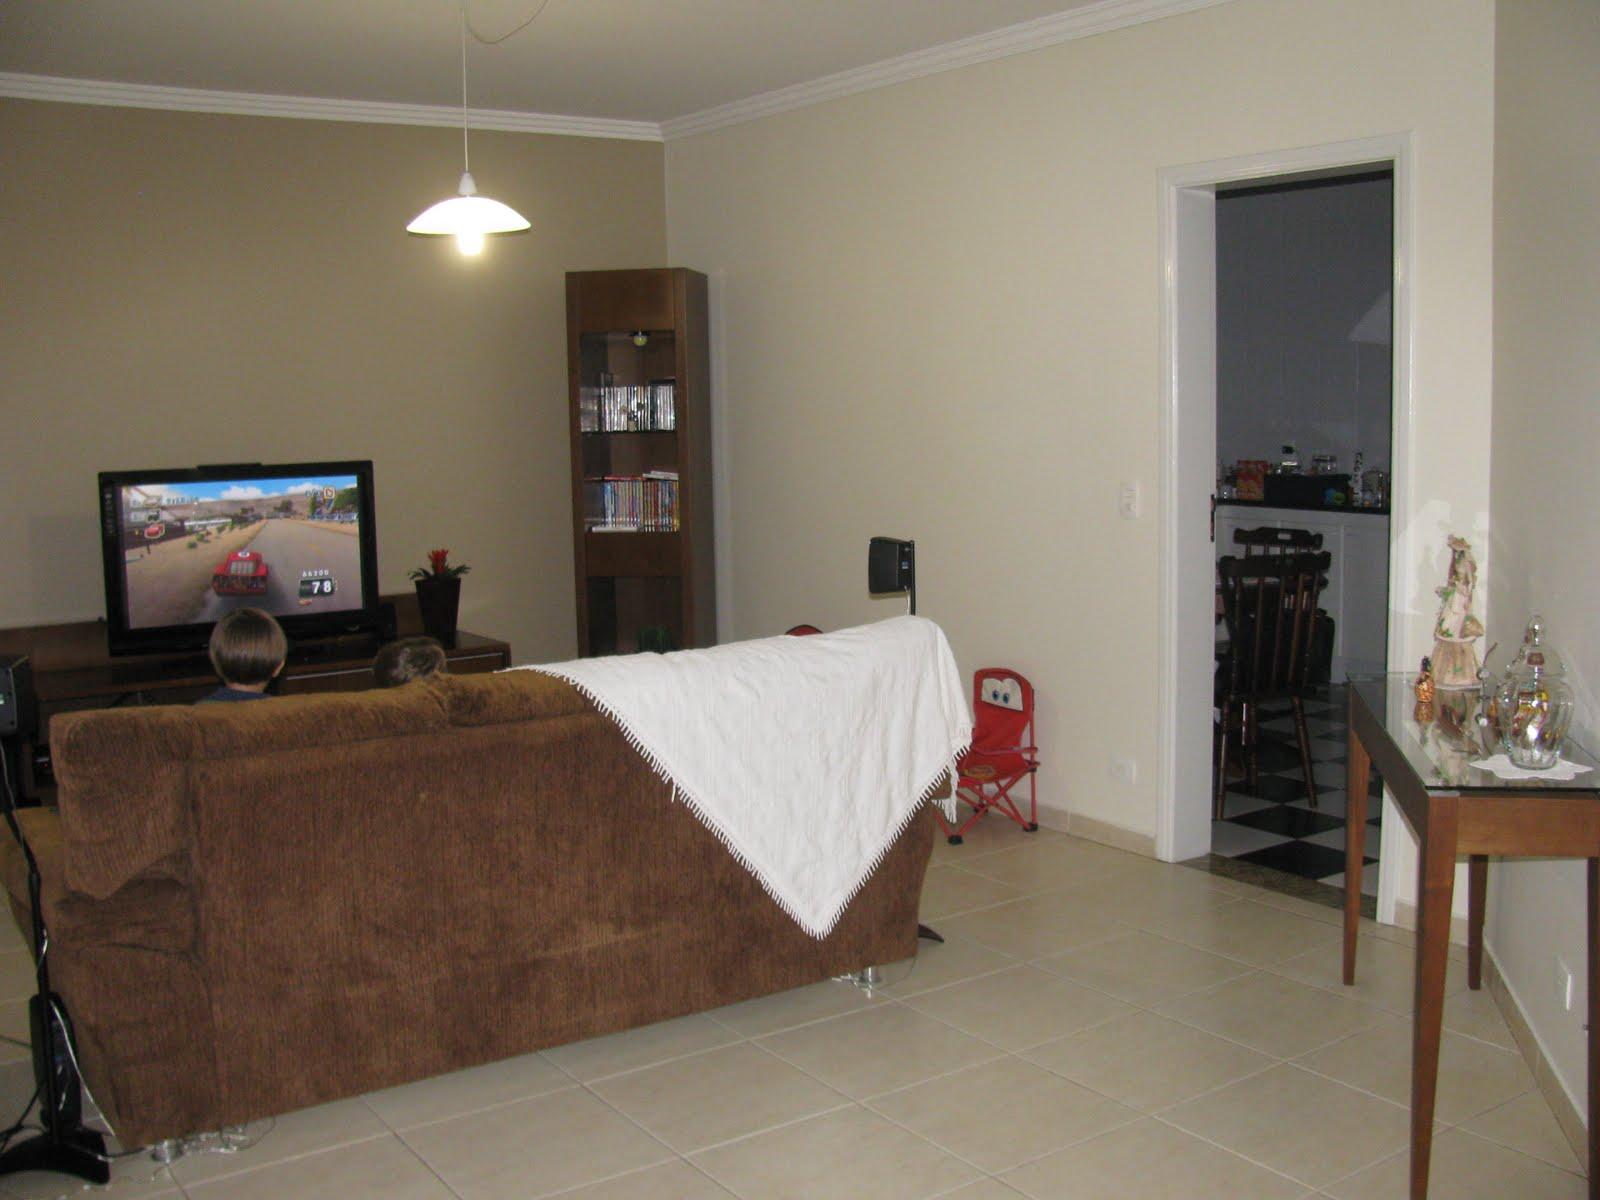 Esta é minha sala de tv com pintura nova, ainda falta pendurar a tv